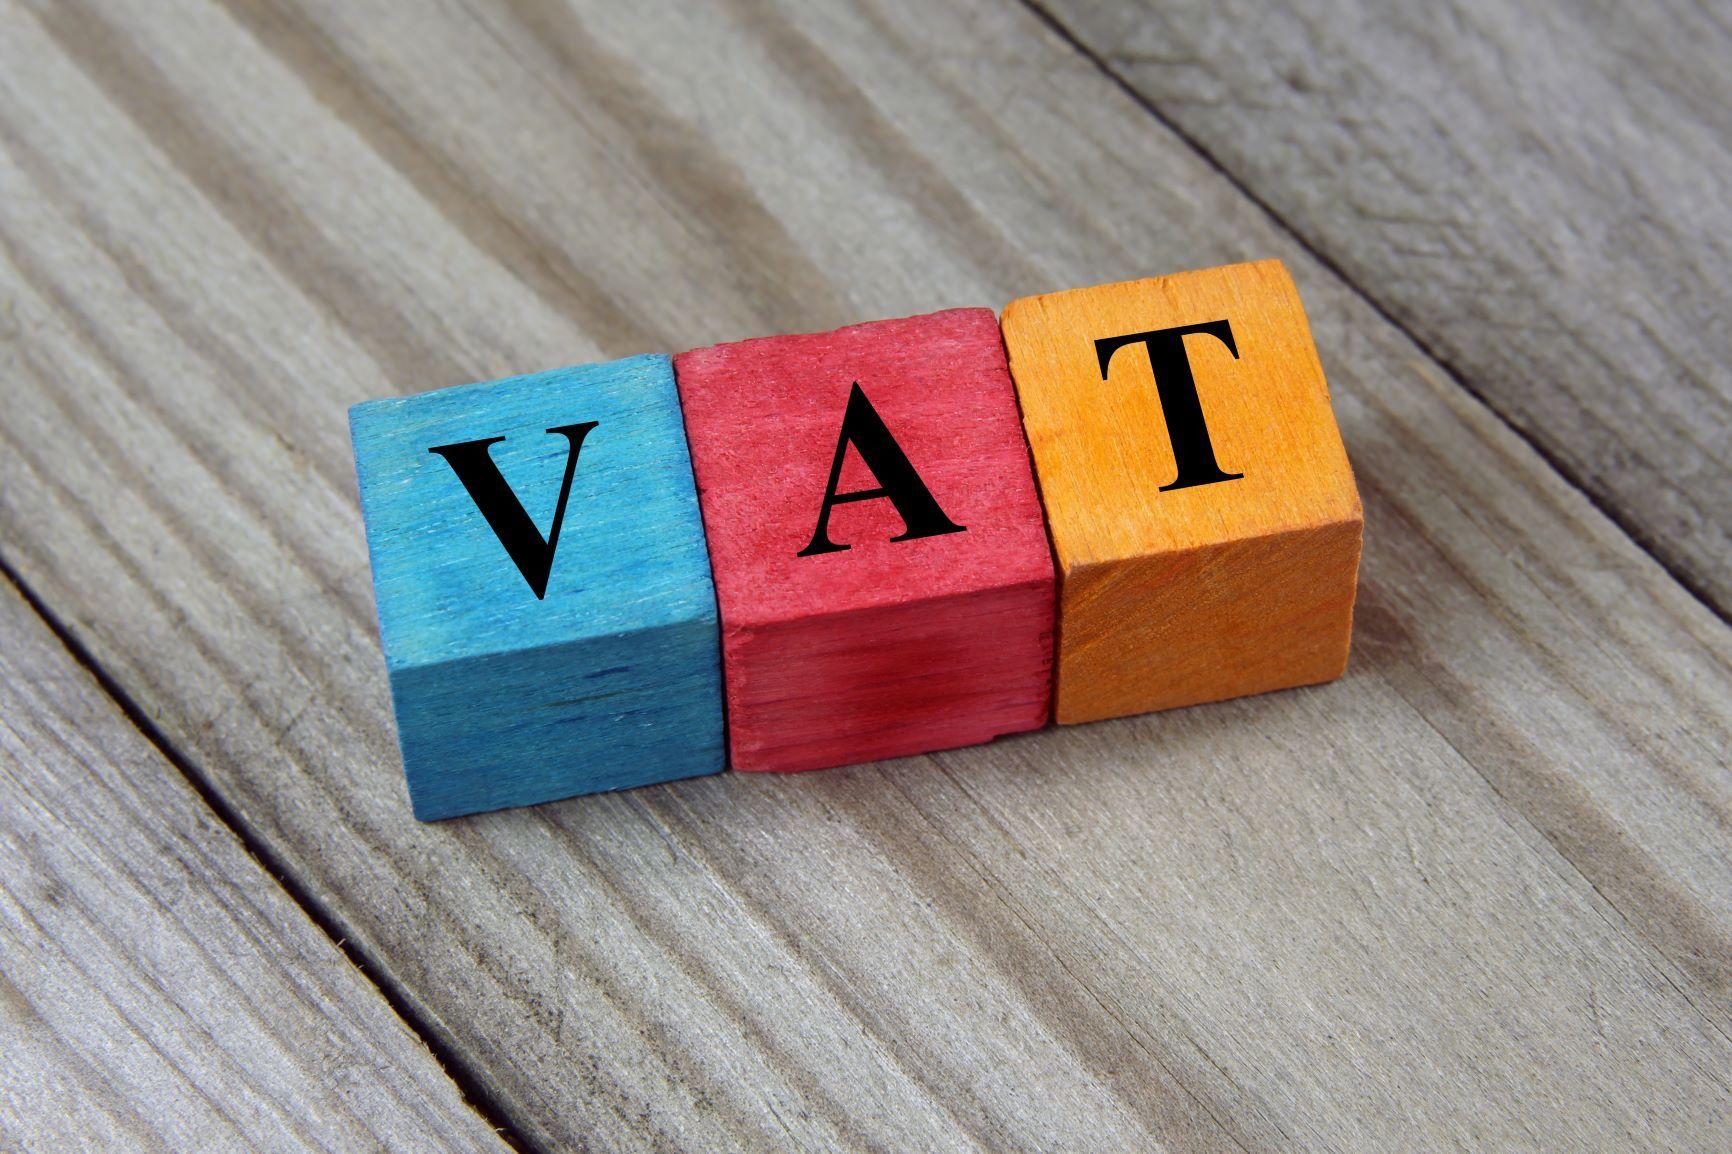 Sankcje w VAT przy nierzetelnym rozliczeniu VAT